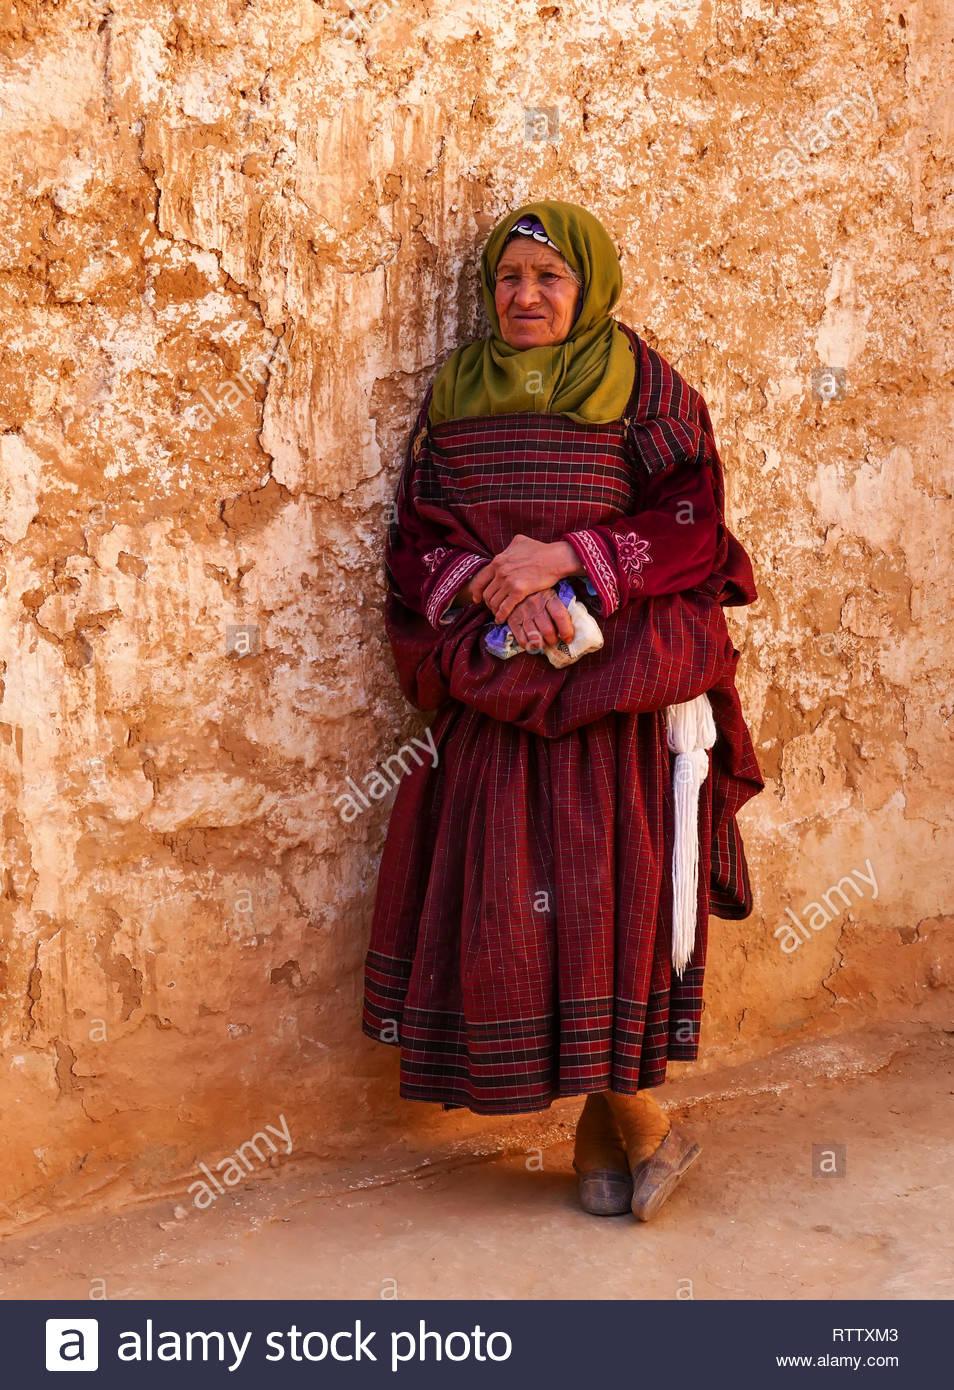 Tunesia, Matmata, 03/18/2015:  Old Woman, Troglodyte Home, Matmata ,Tunisia, Portrait - Stock Image